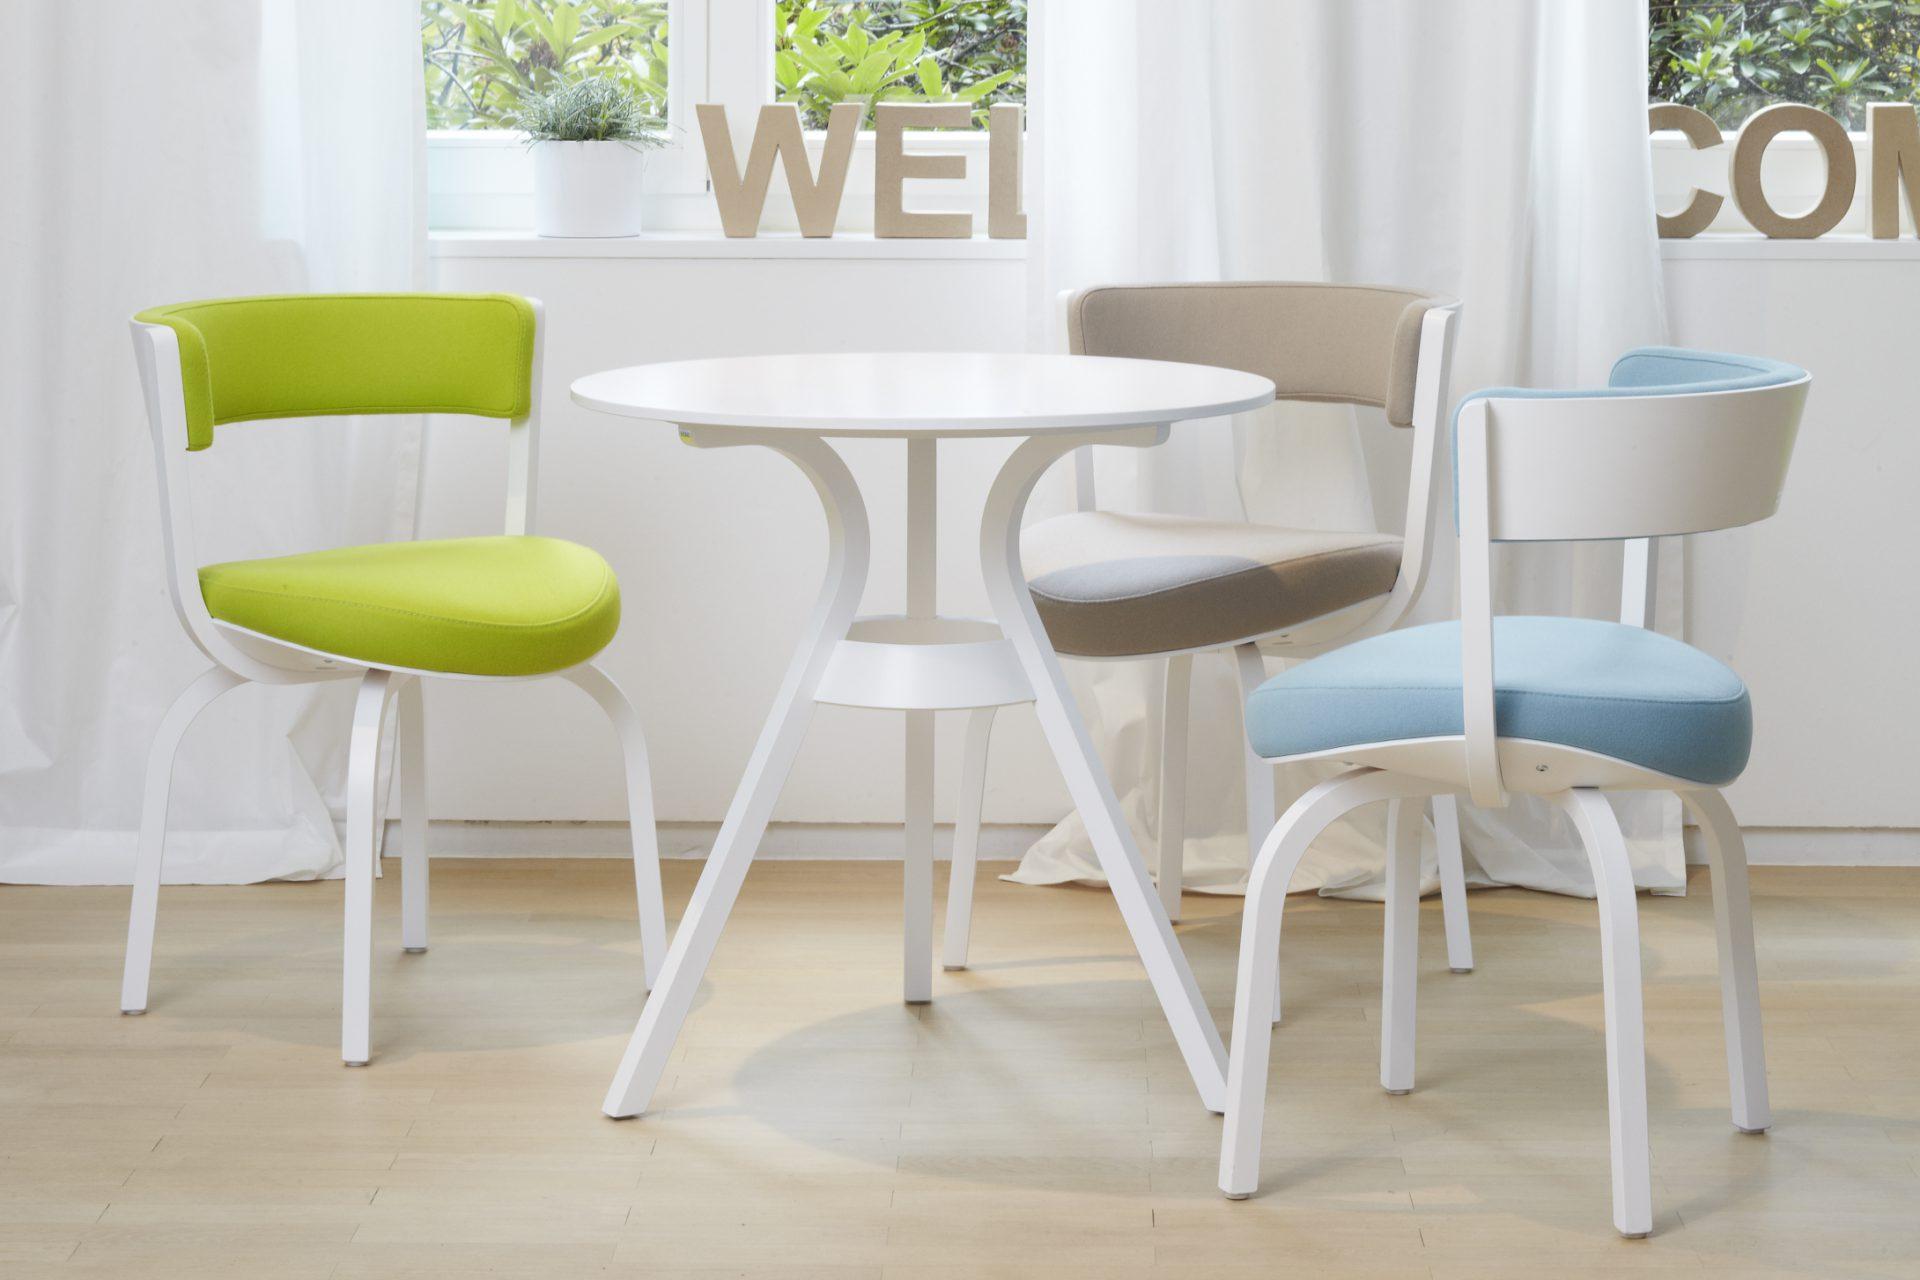 thonet tendenza m bel m belhaus designm bel n rnberg. Black Bedroom Furniture Sets. Home Design Ideas